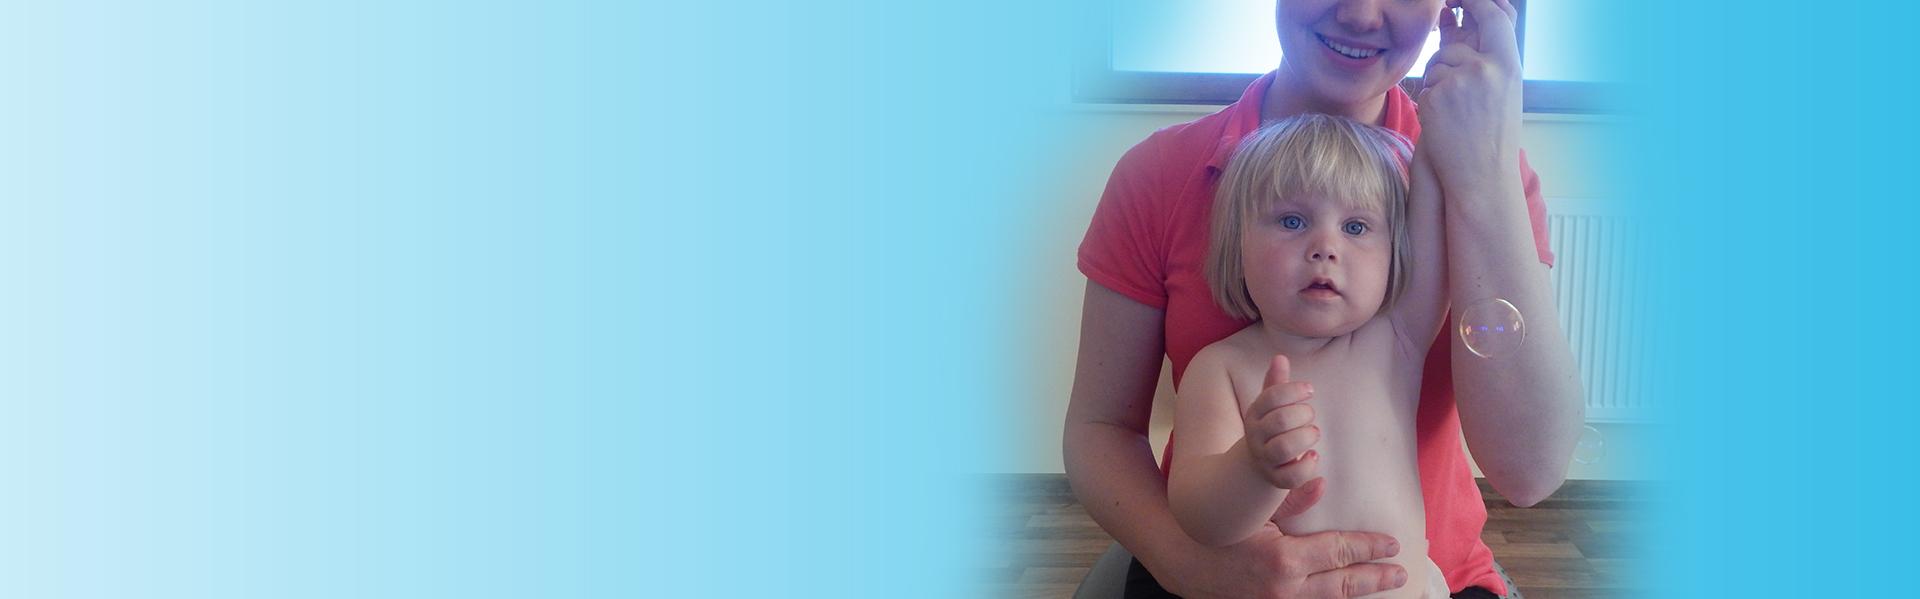 fizjoterapia niemowląt siedlce